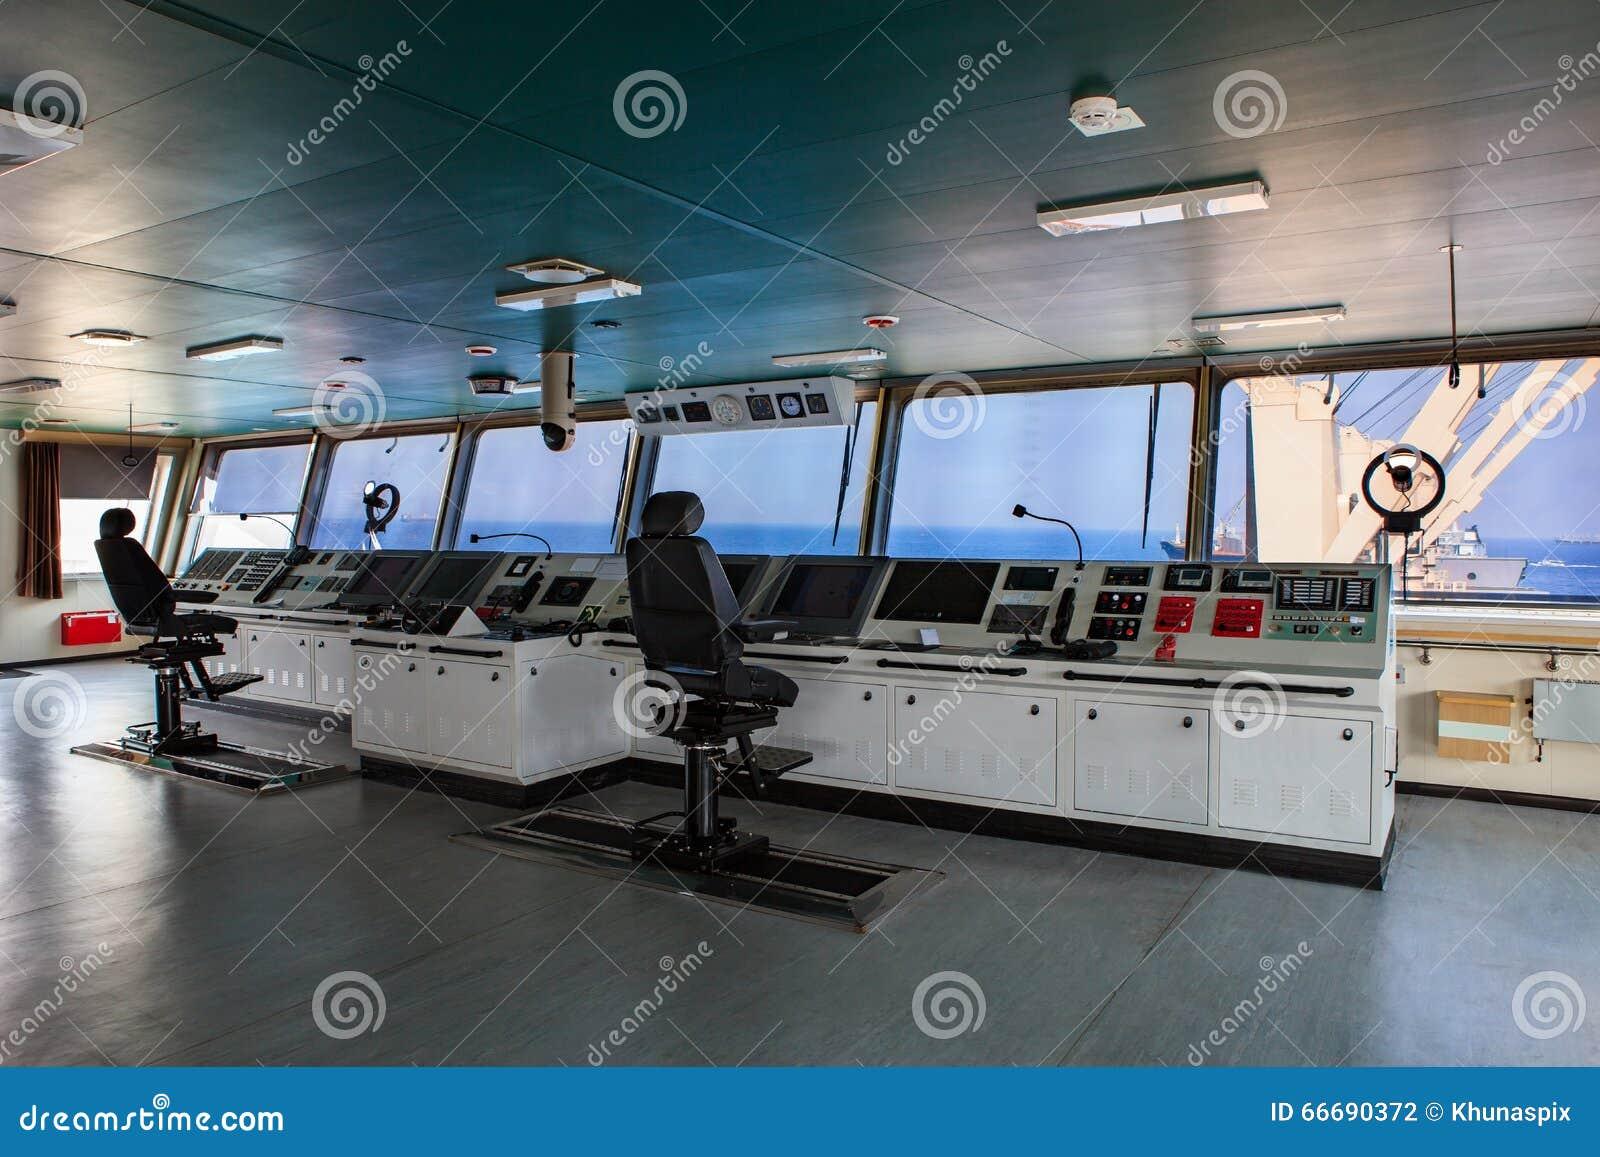 tableau de commande de timonerie du bateau moderne d 39 industrie s 39 approchant photo stock. Black Bedroom Furniture Sets. Home Design Ideas